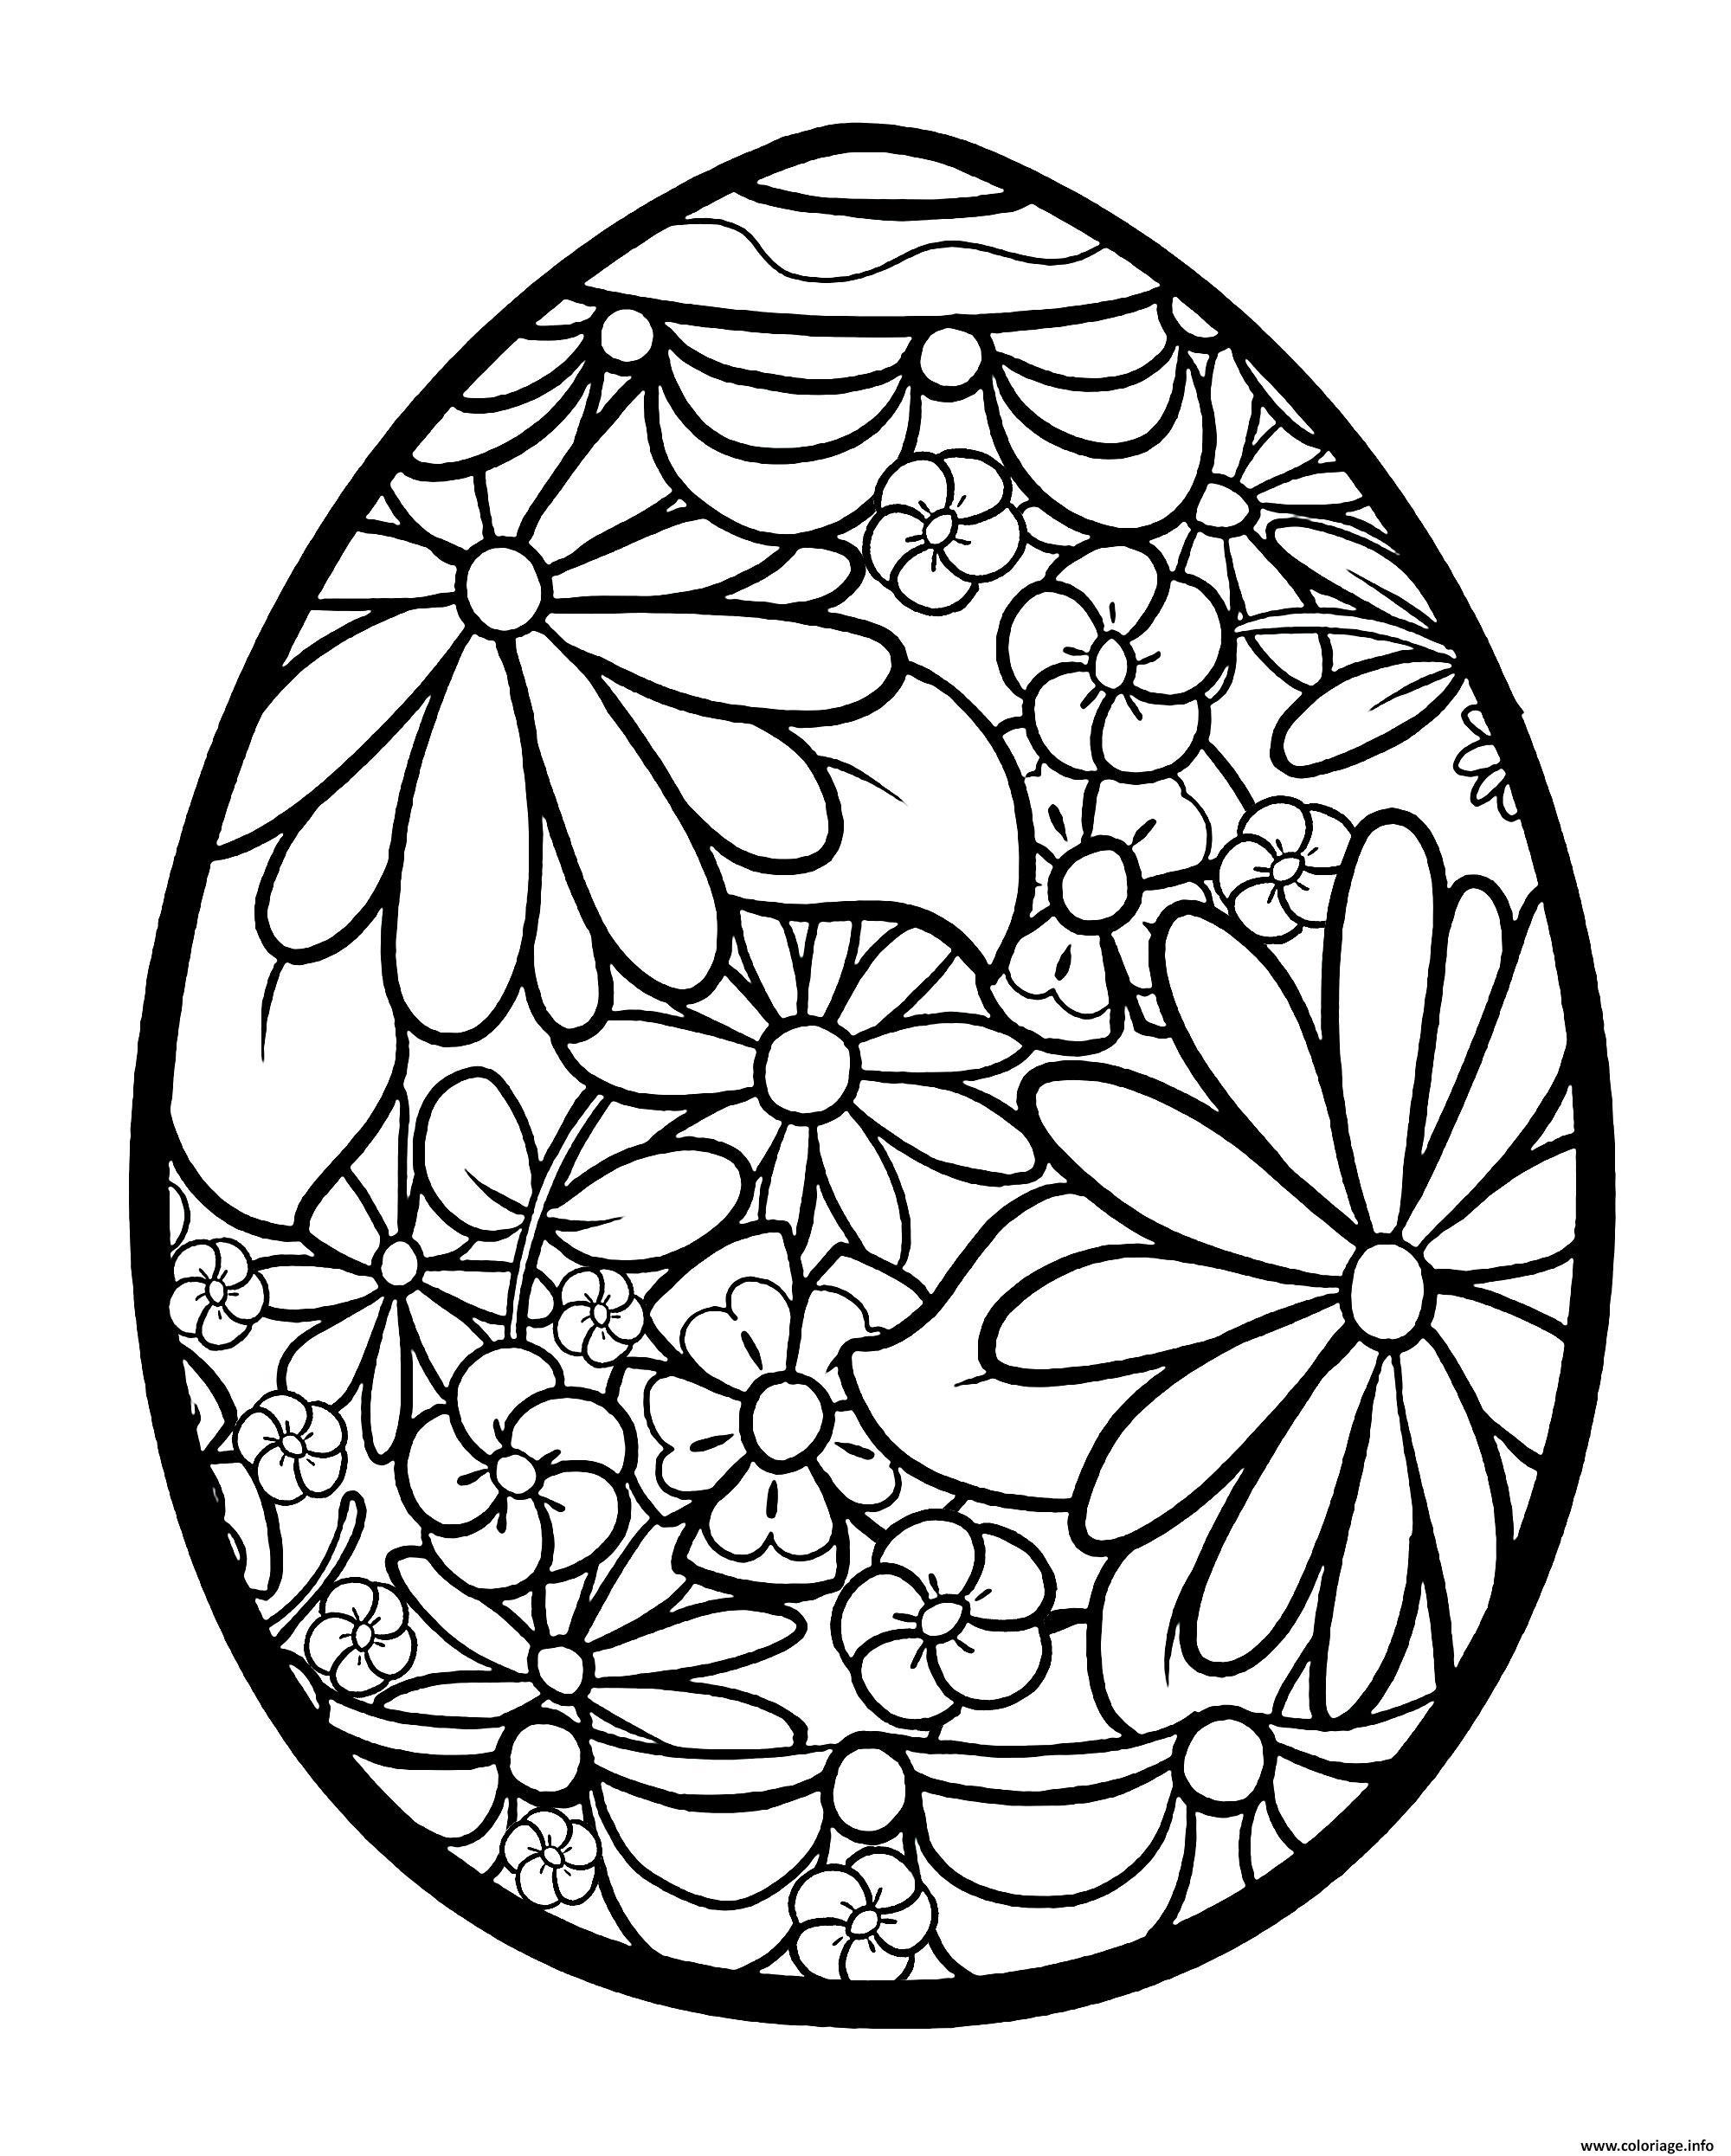 Dessin oeuf de paques fleuri Coloriage Gratuit à Imprimer